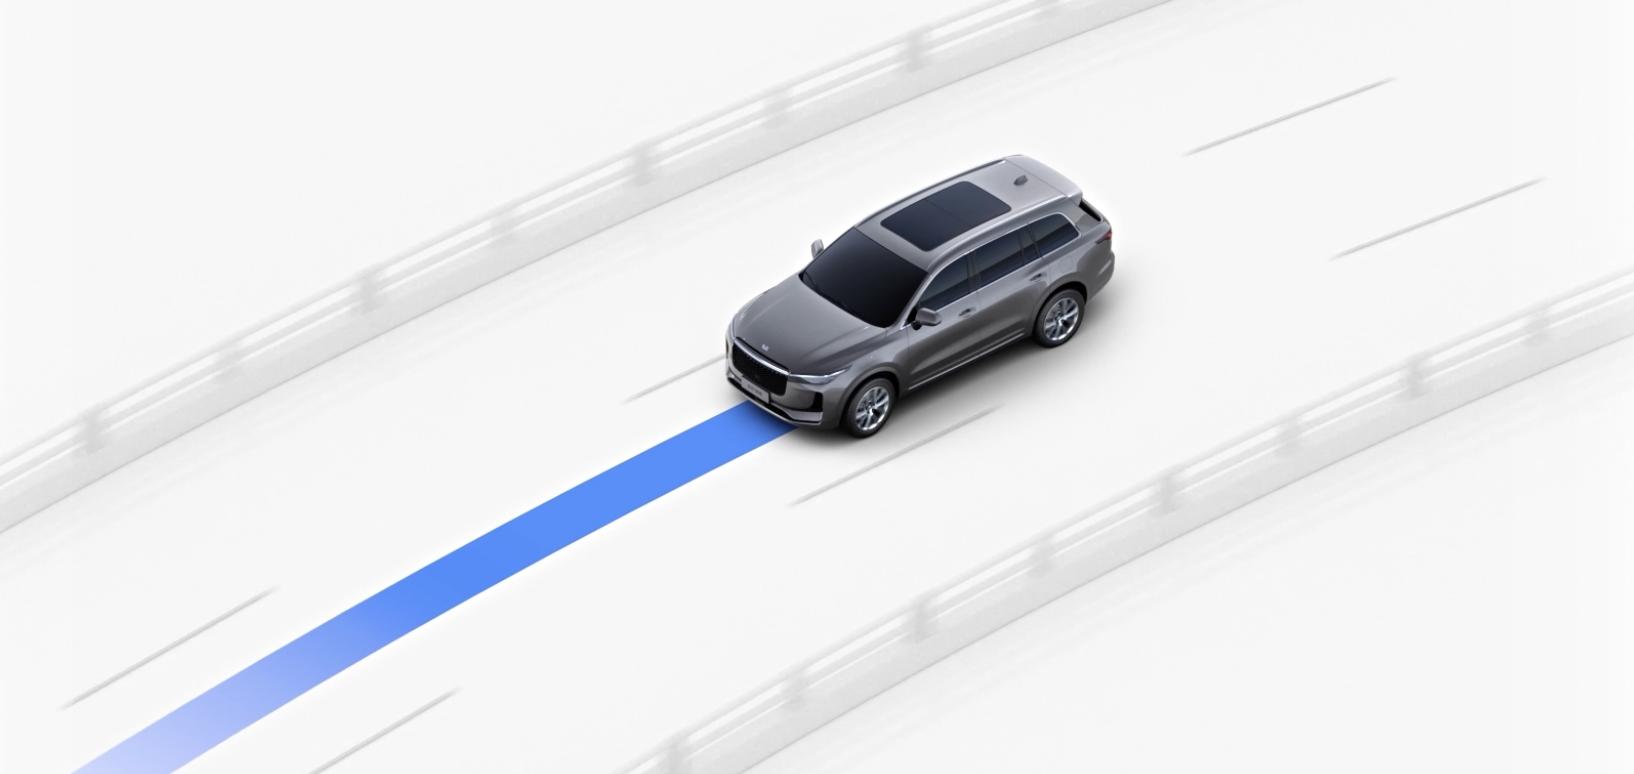 理想ONE车道保持功能示意图丨官方素材